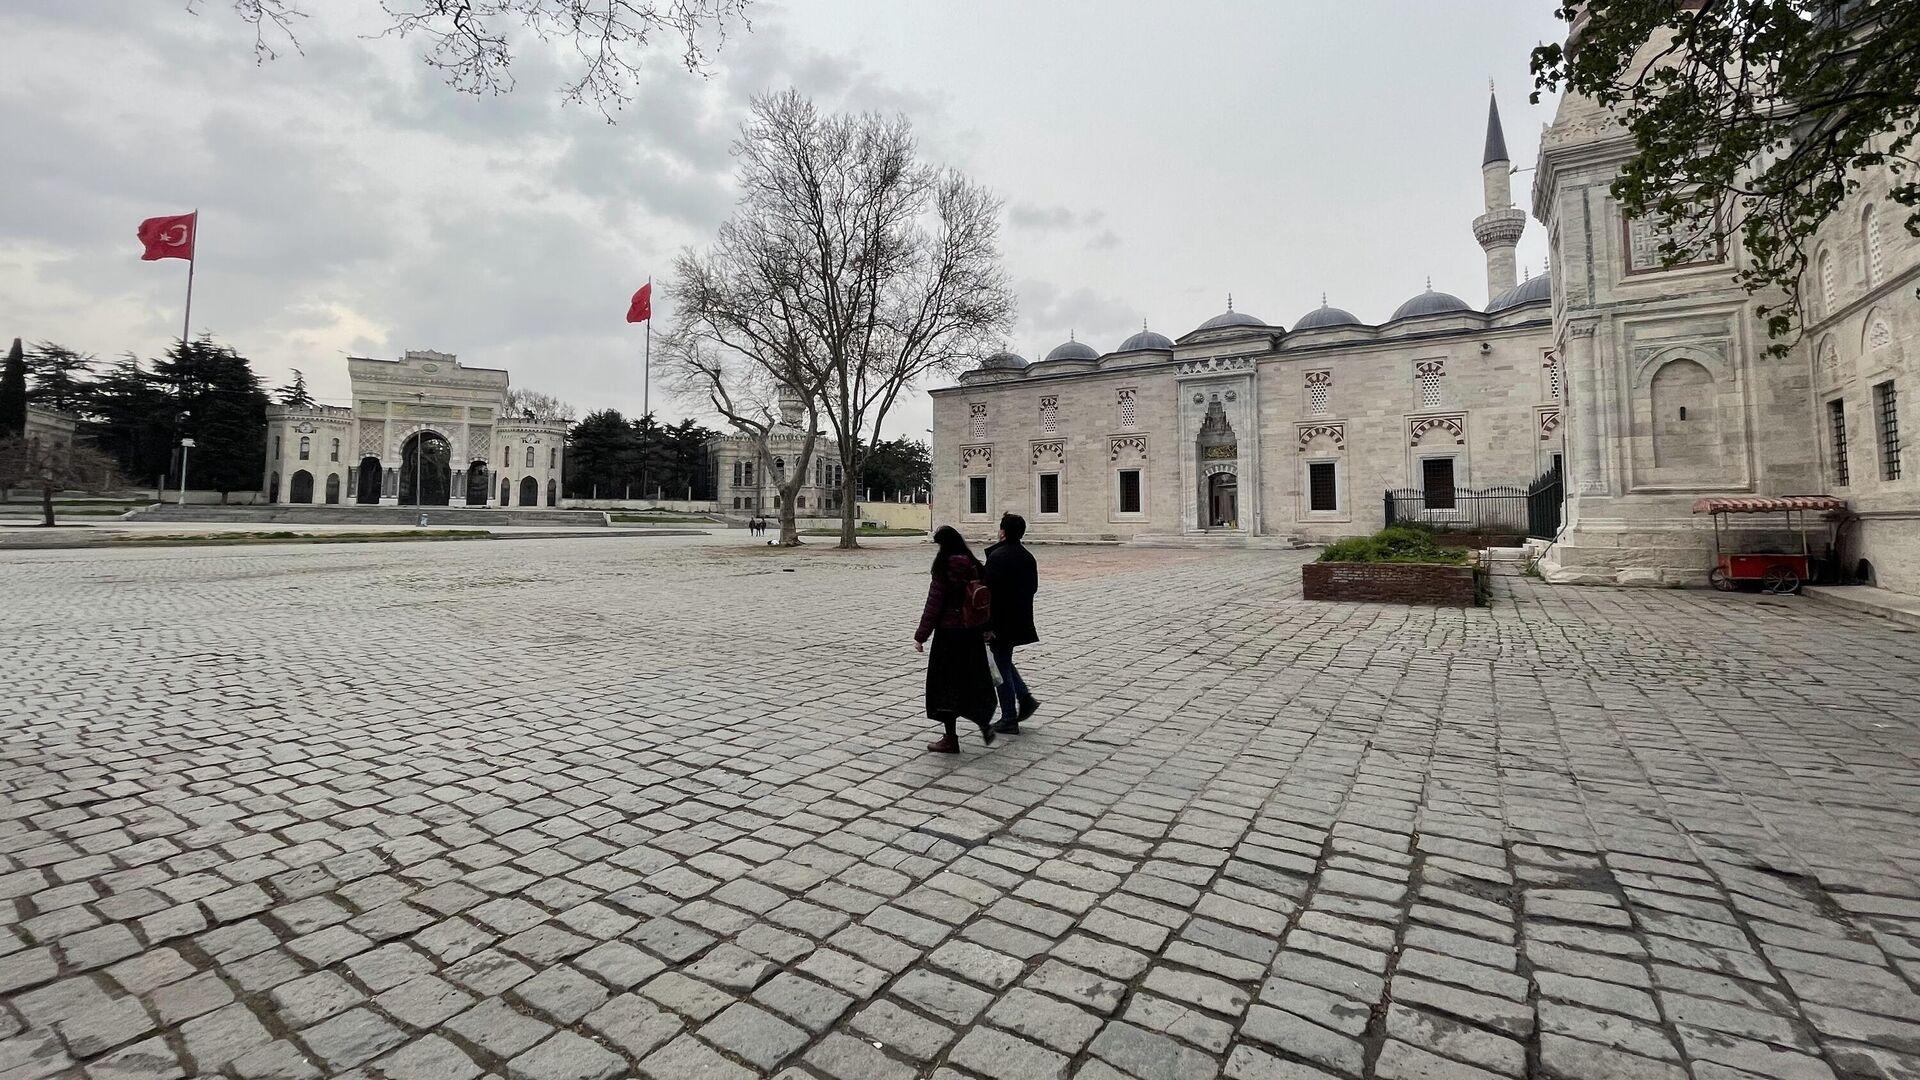 Люди на площади возле мечети в Стамбуле - РИА Новости, 1920, 29.04.2021